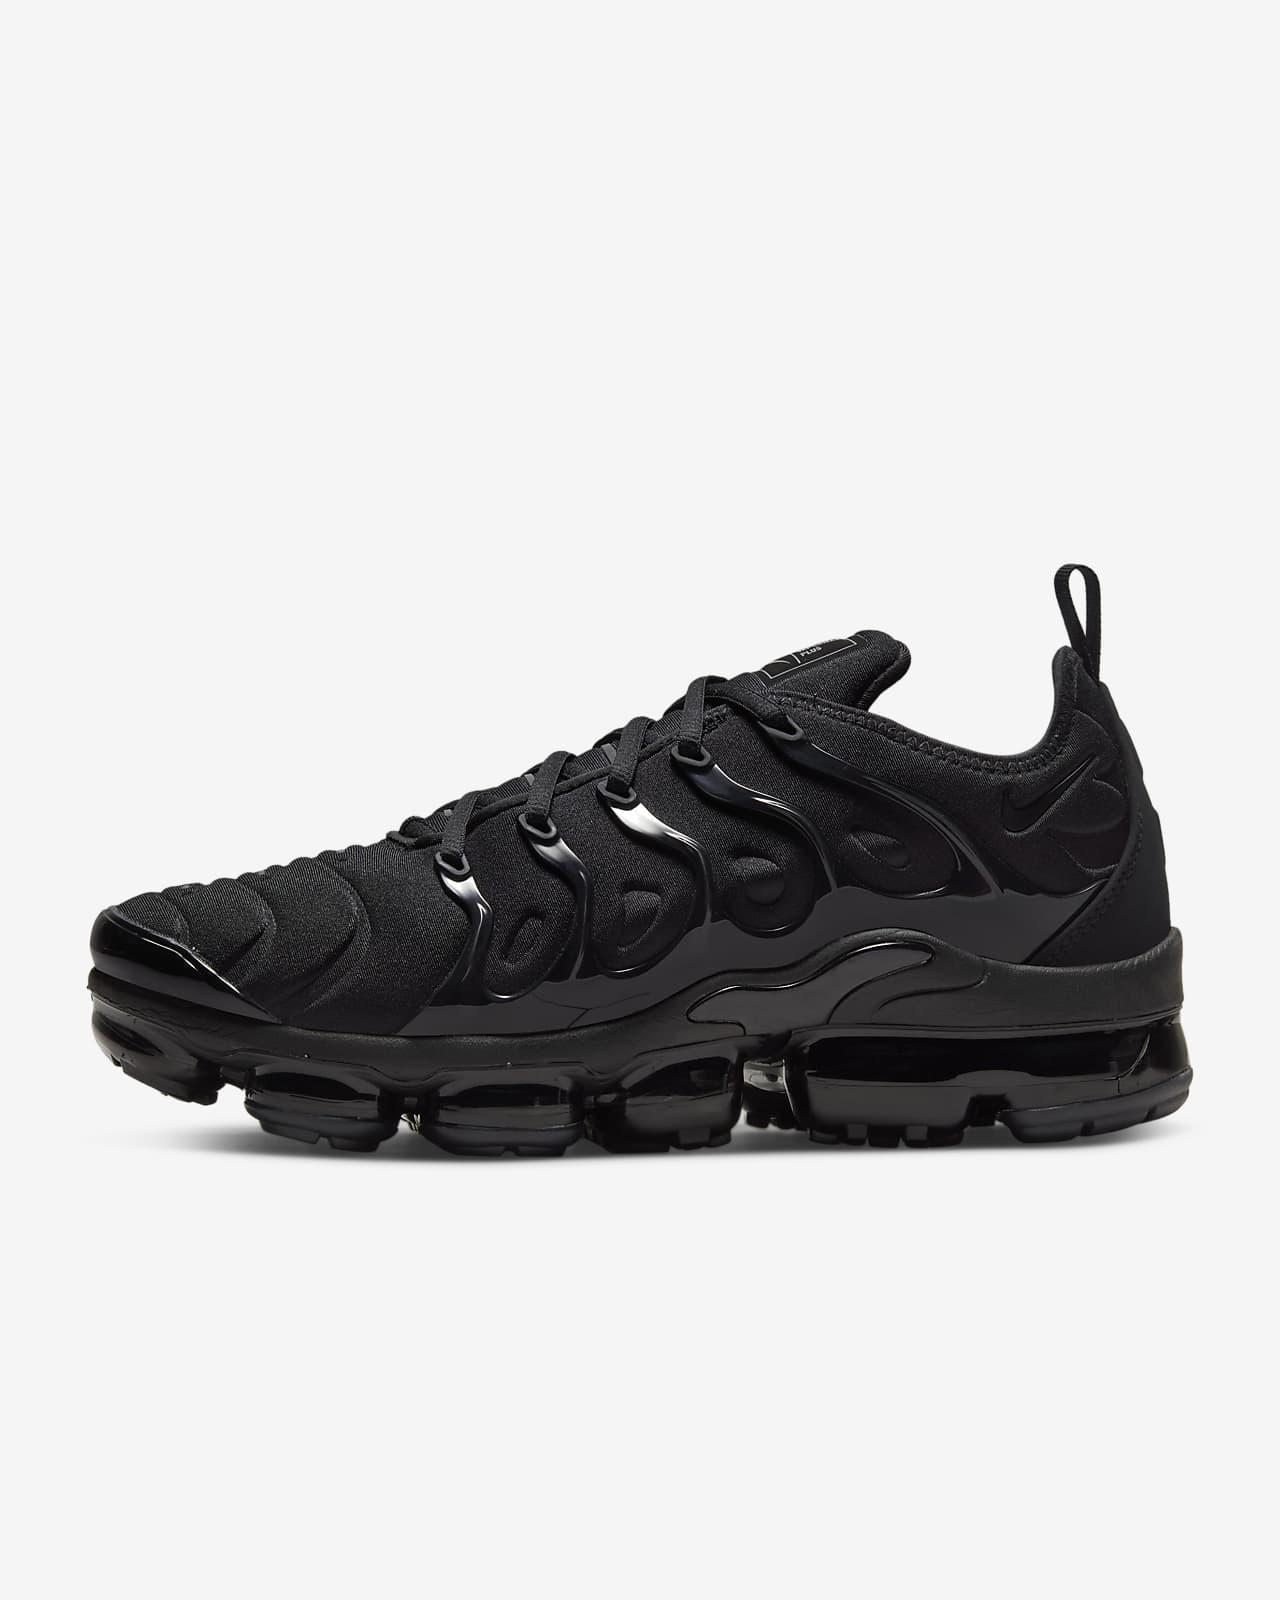 nike hombre zapatillas 2019 vapormax